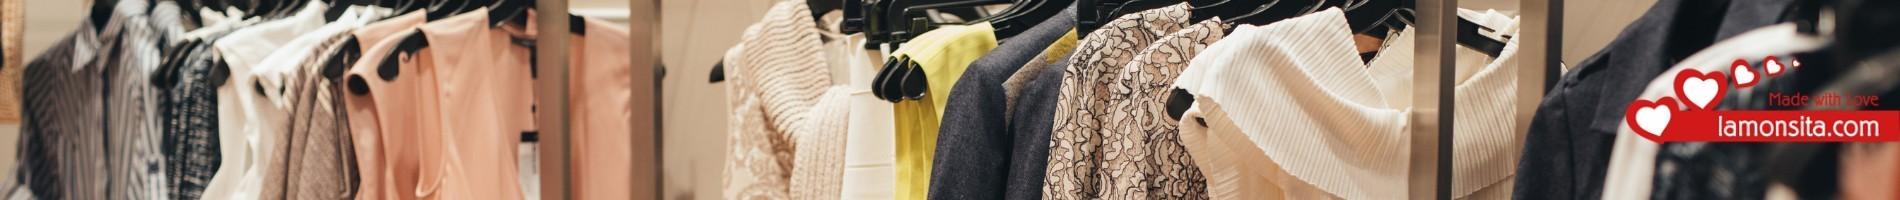 ROPA DE MUJER MODA: Camisetas, Vestidos, Pijamas| lamonsita.com